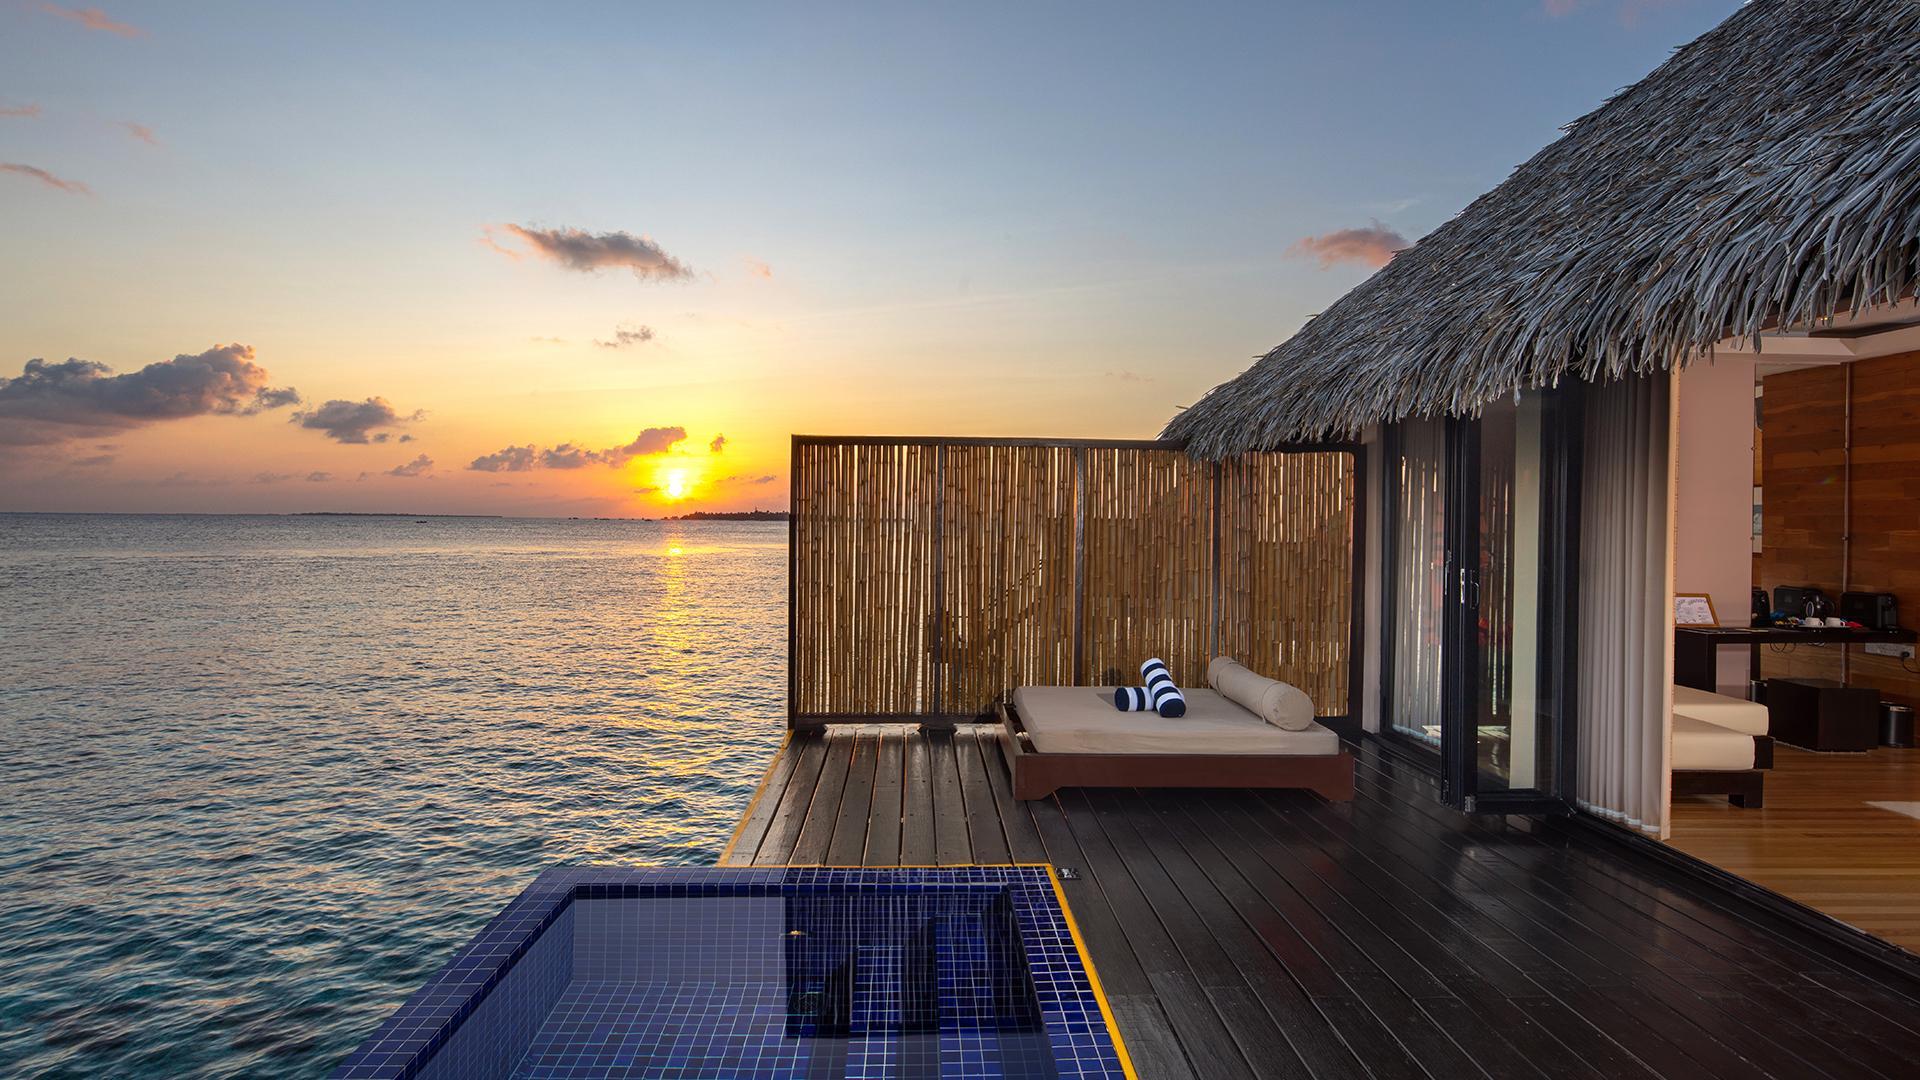 Sunset Water Villa image 1 at Adaaran Prestige Vadoo by Kaafu Atoll, North Central Province, Maldives